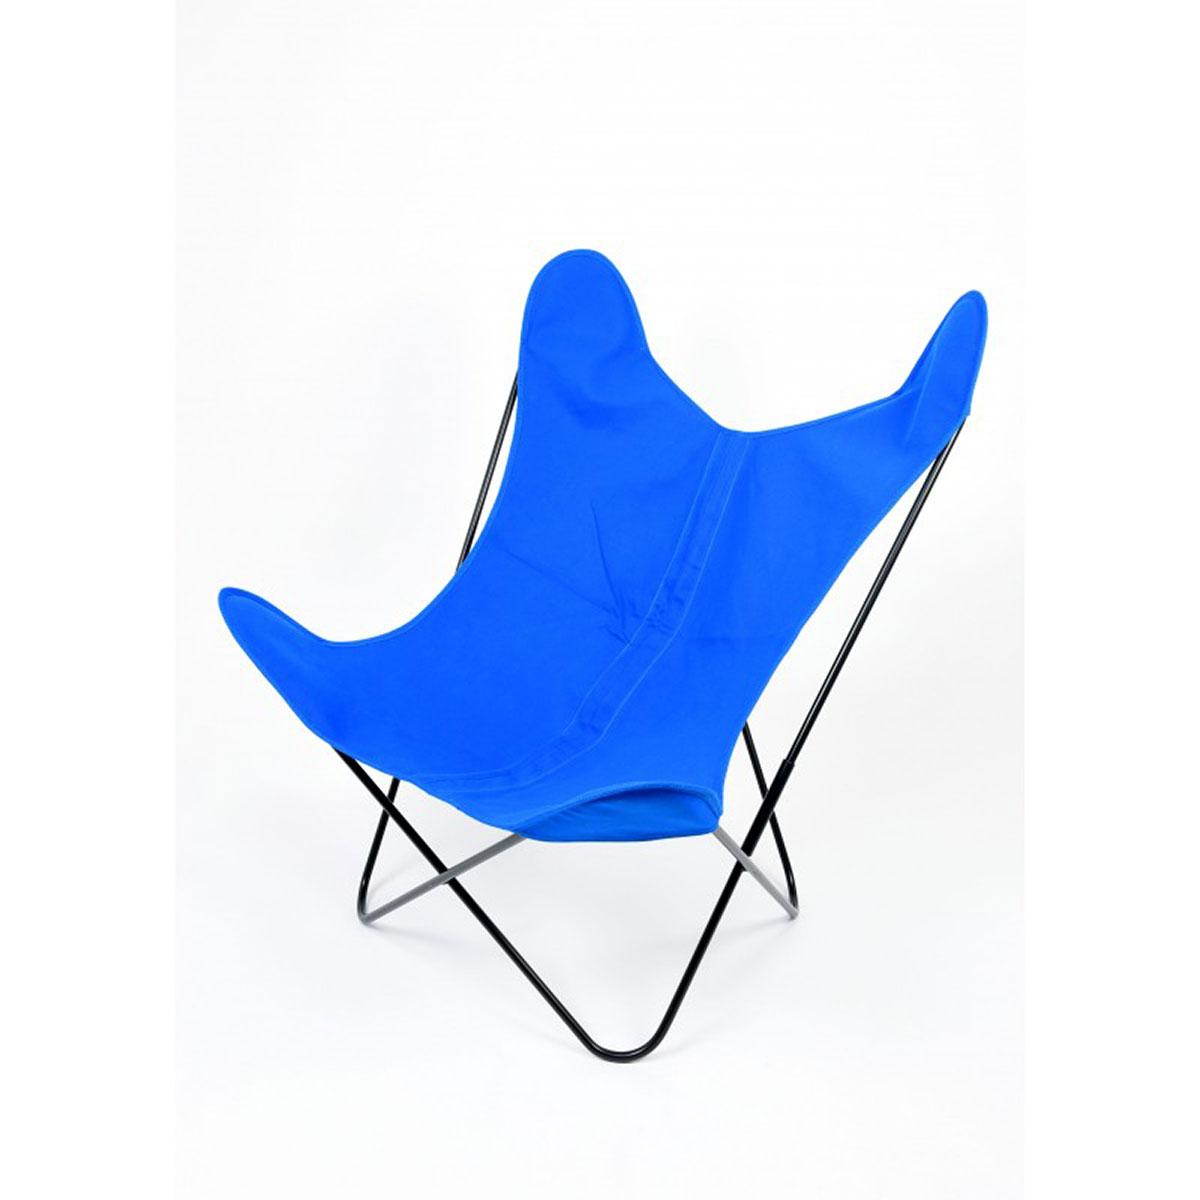 Fauteuil Papillon en coton coloré - Bleu